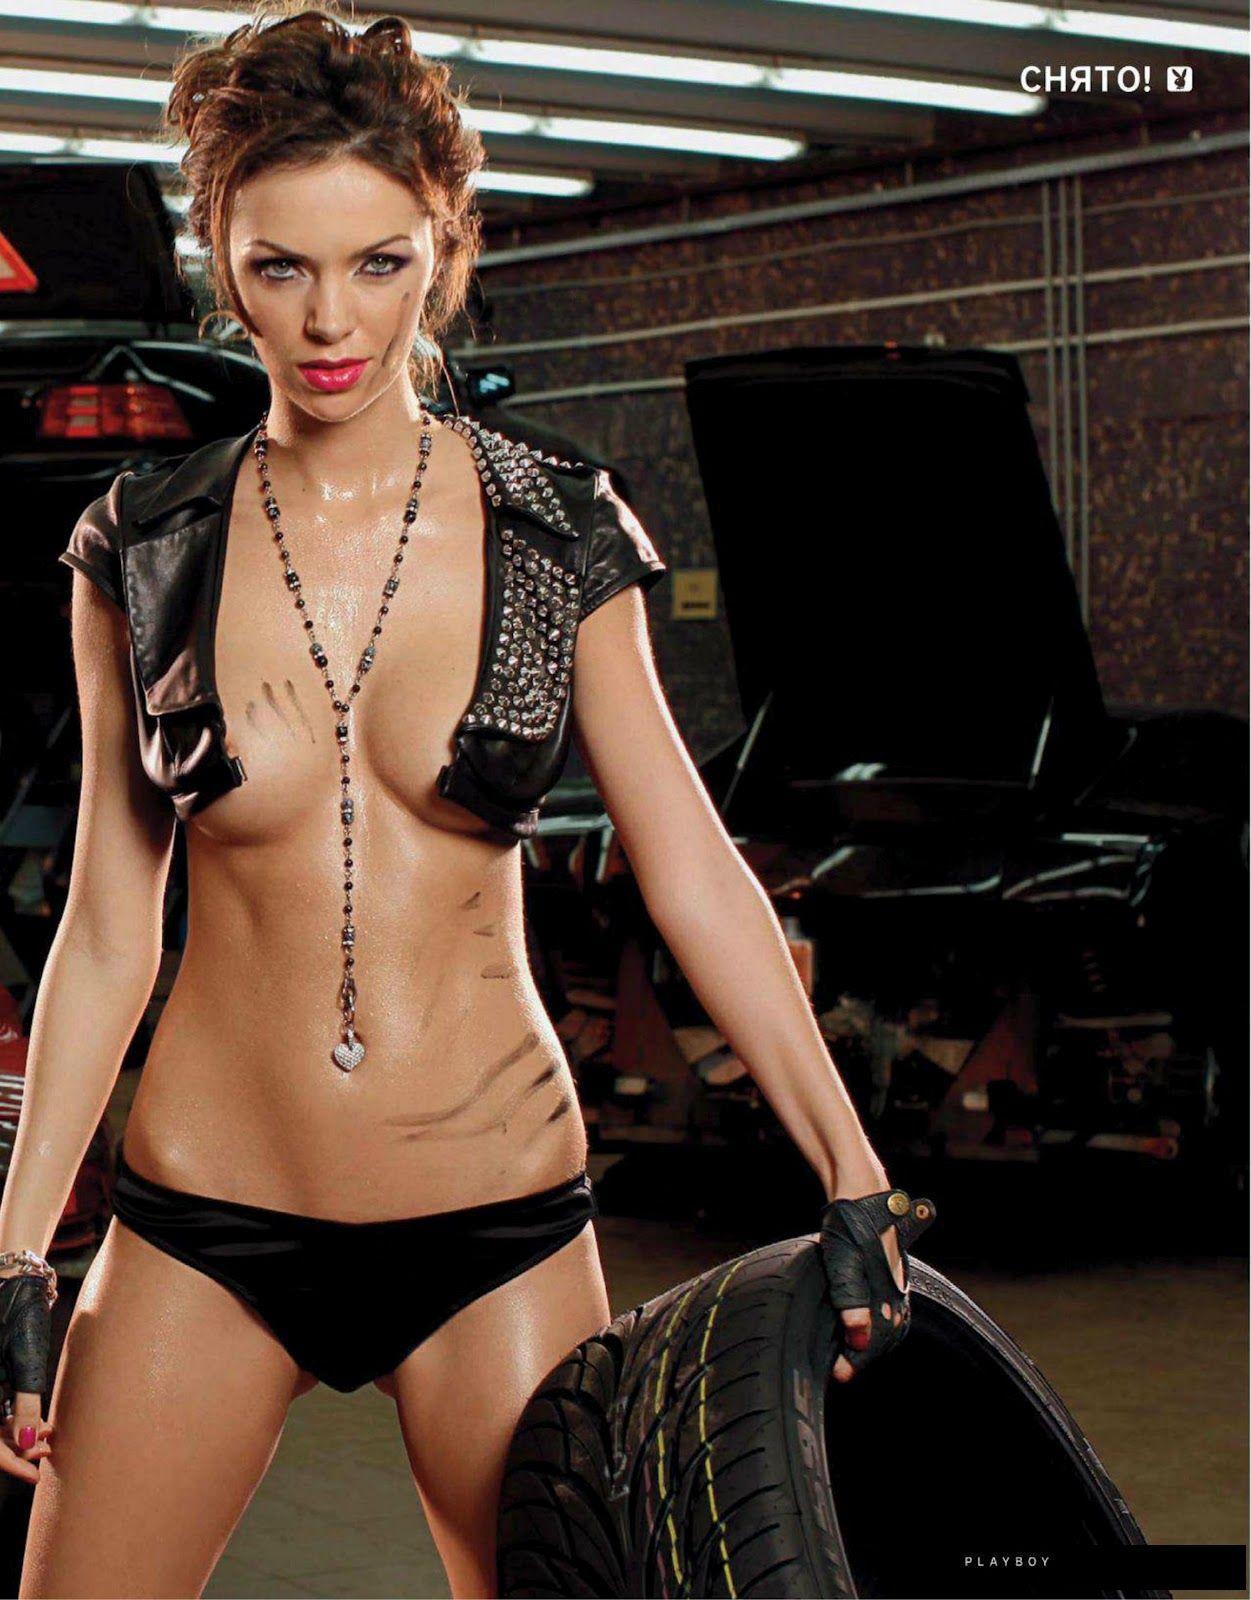 Фото голых актрис певиц россии 1 фотография